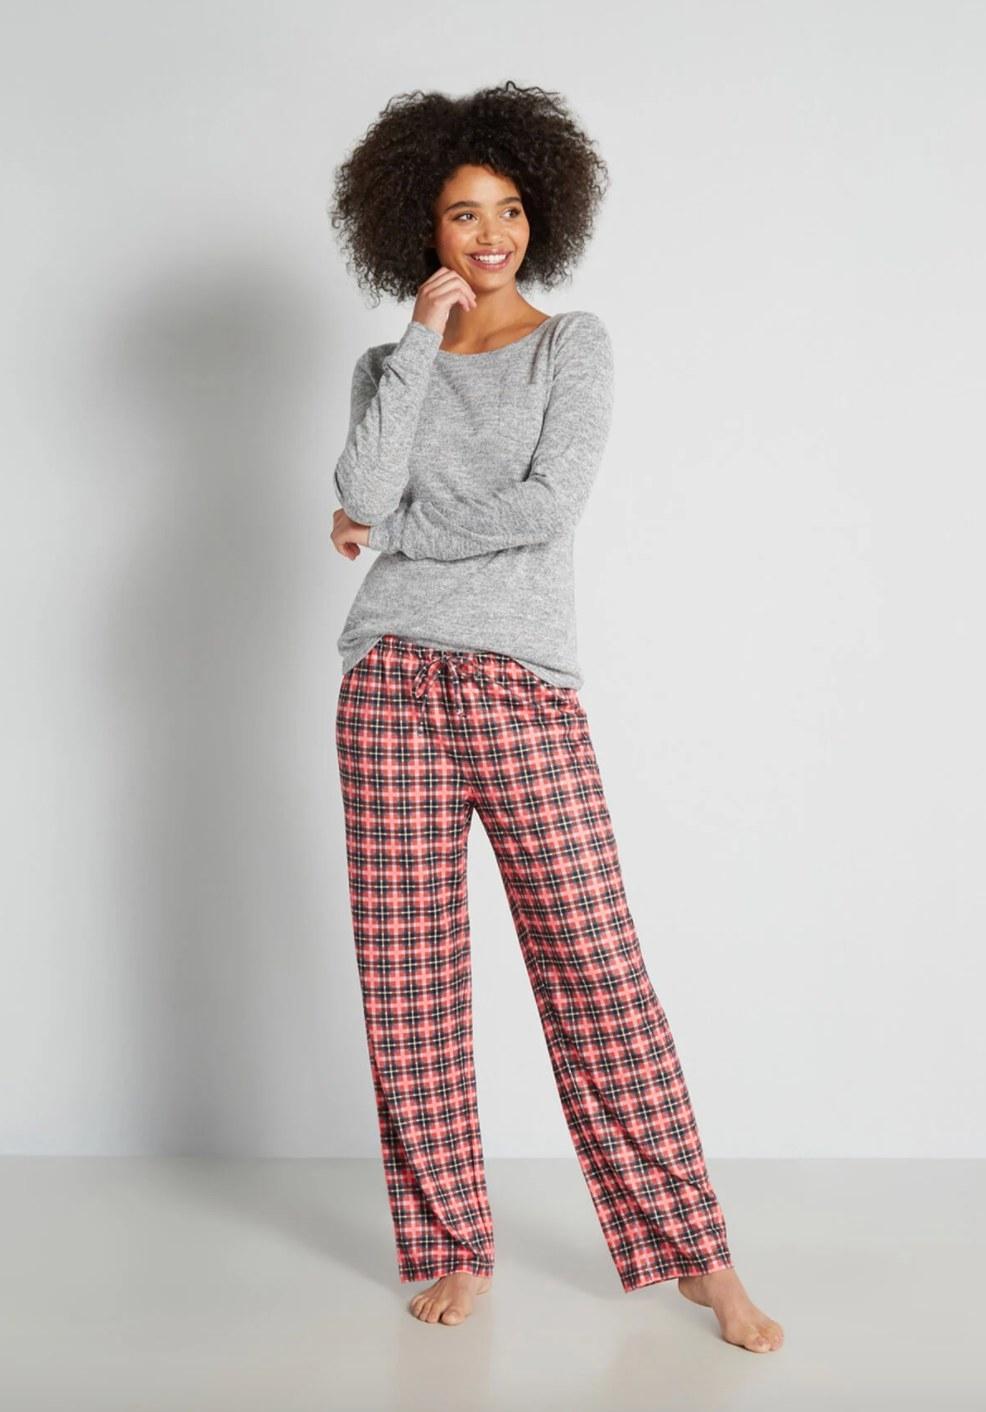 The pair of plaid pajama pants